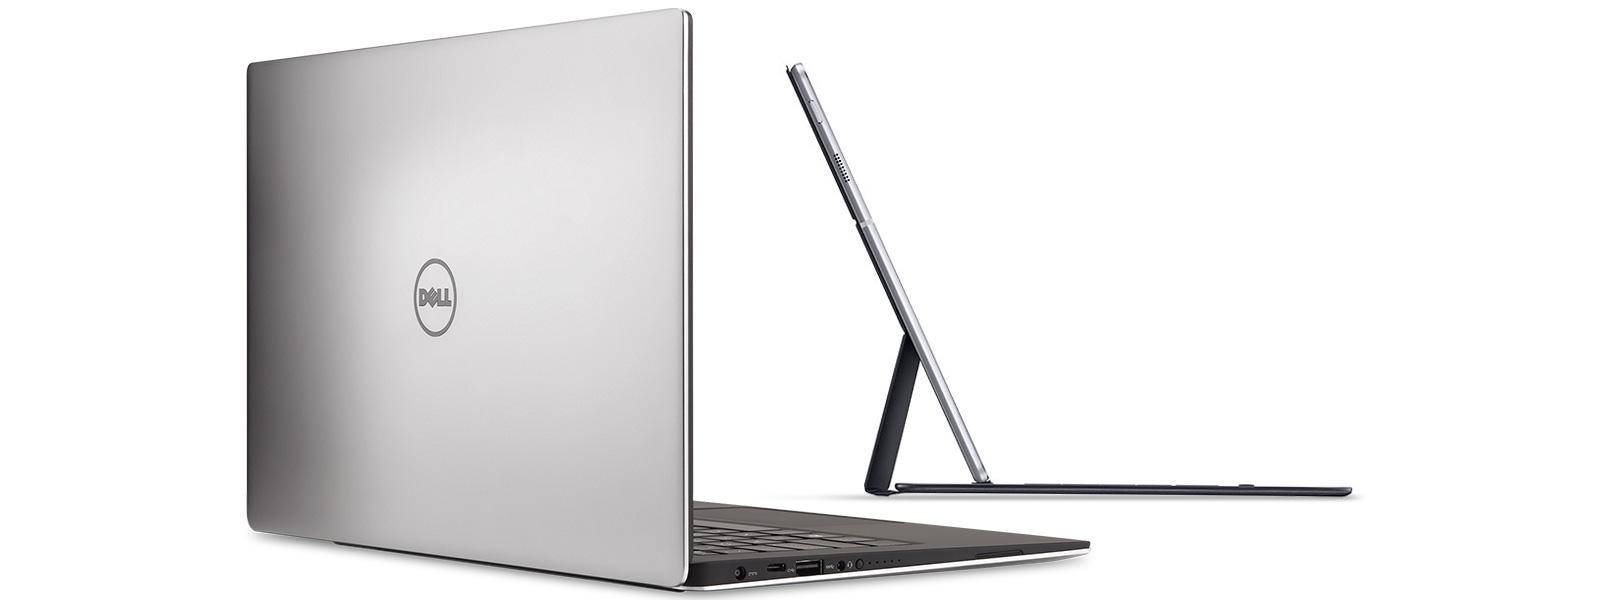 מחשב נייד של Dell עם Windows 10